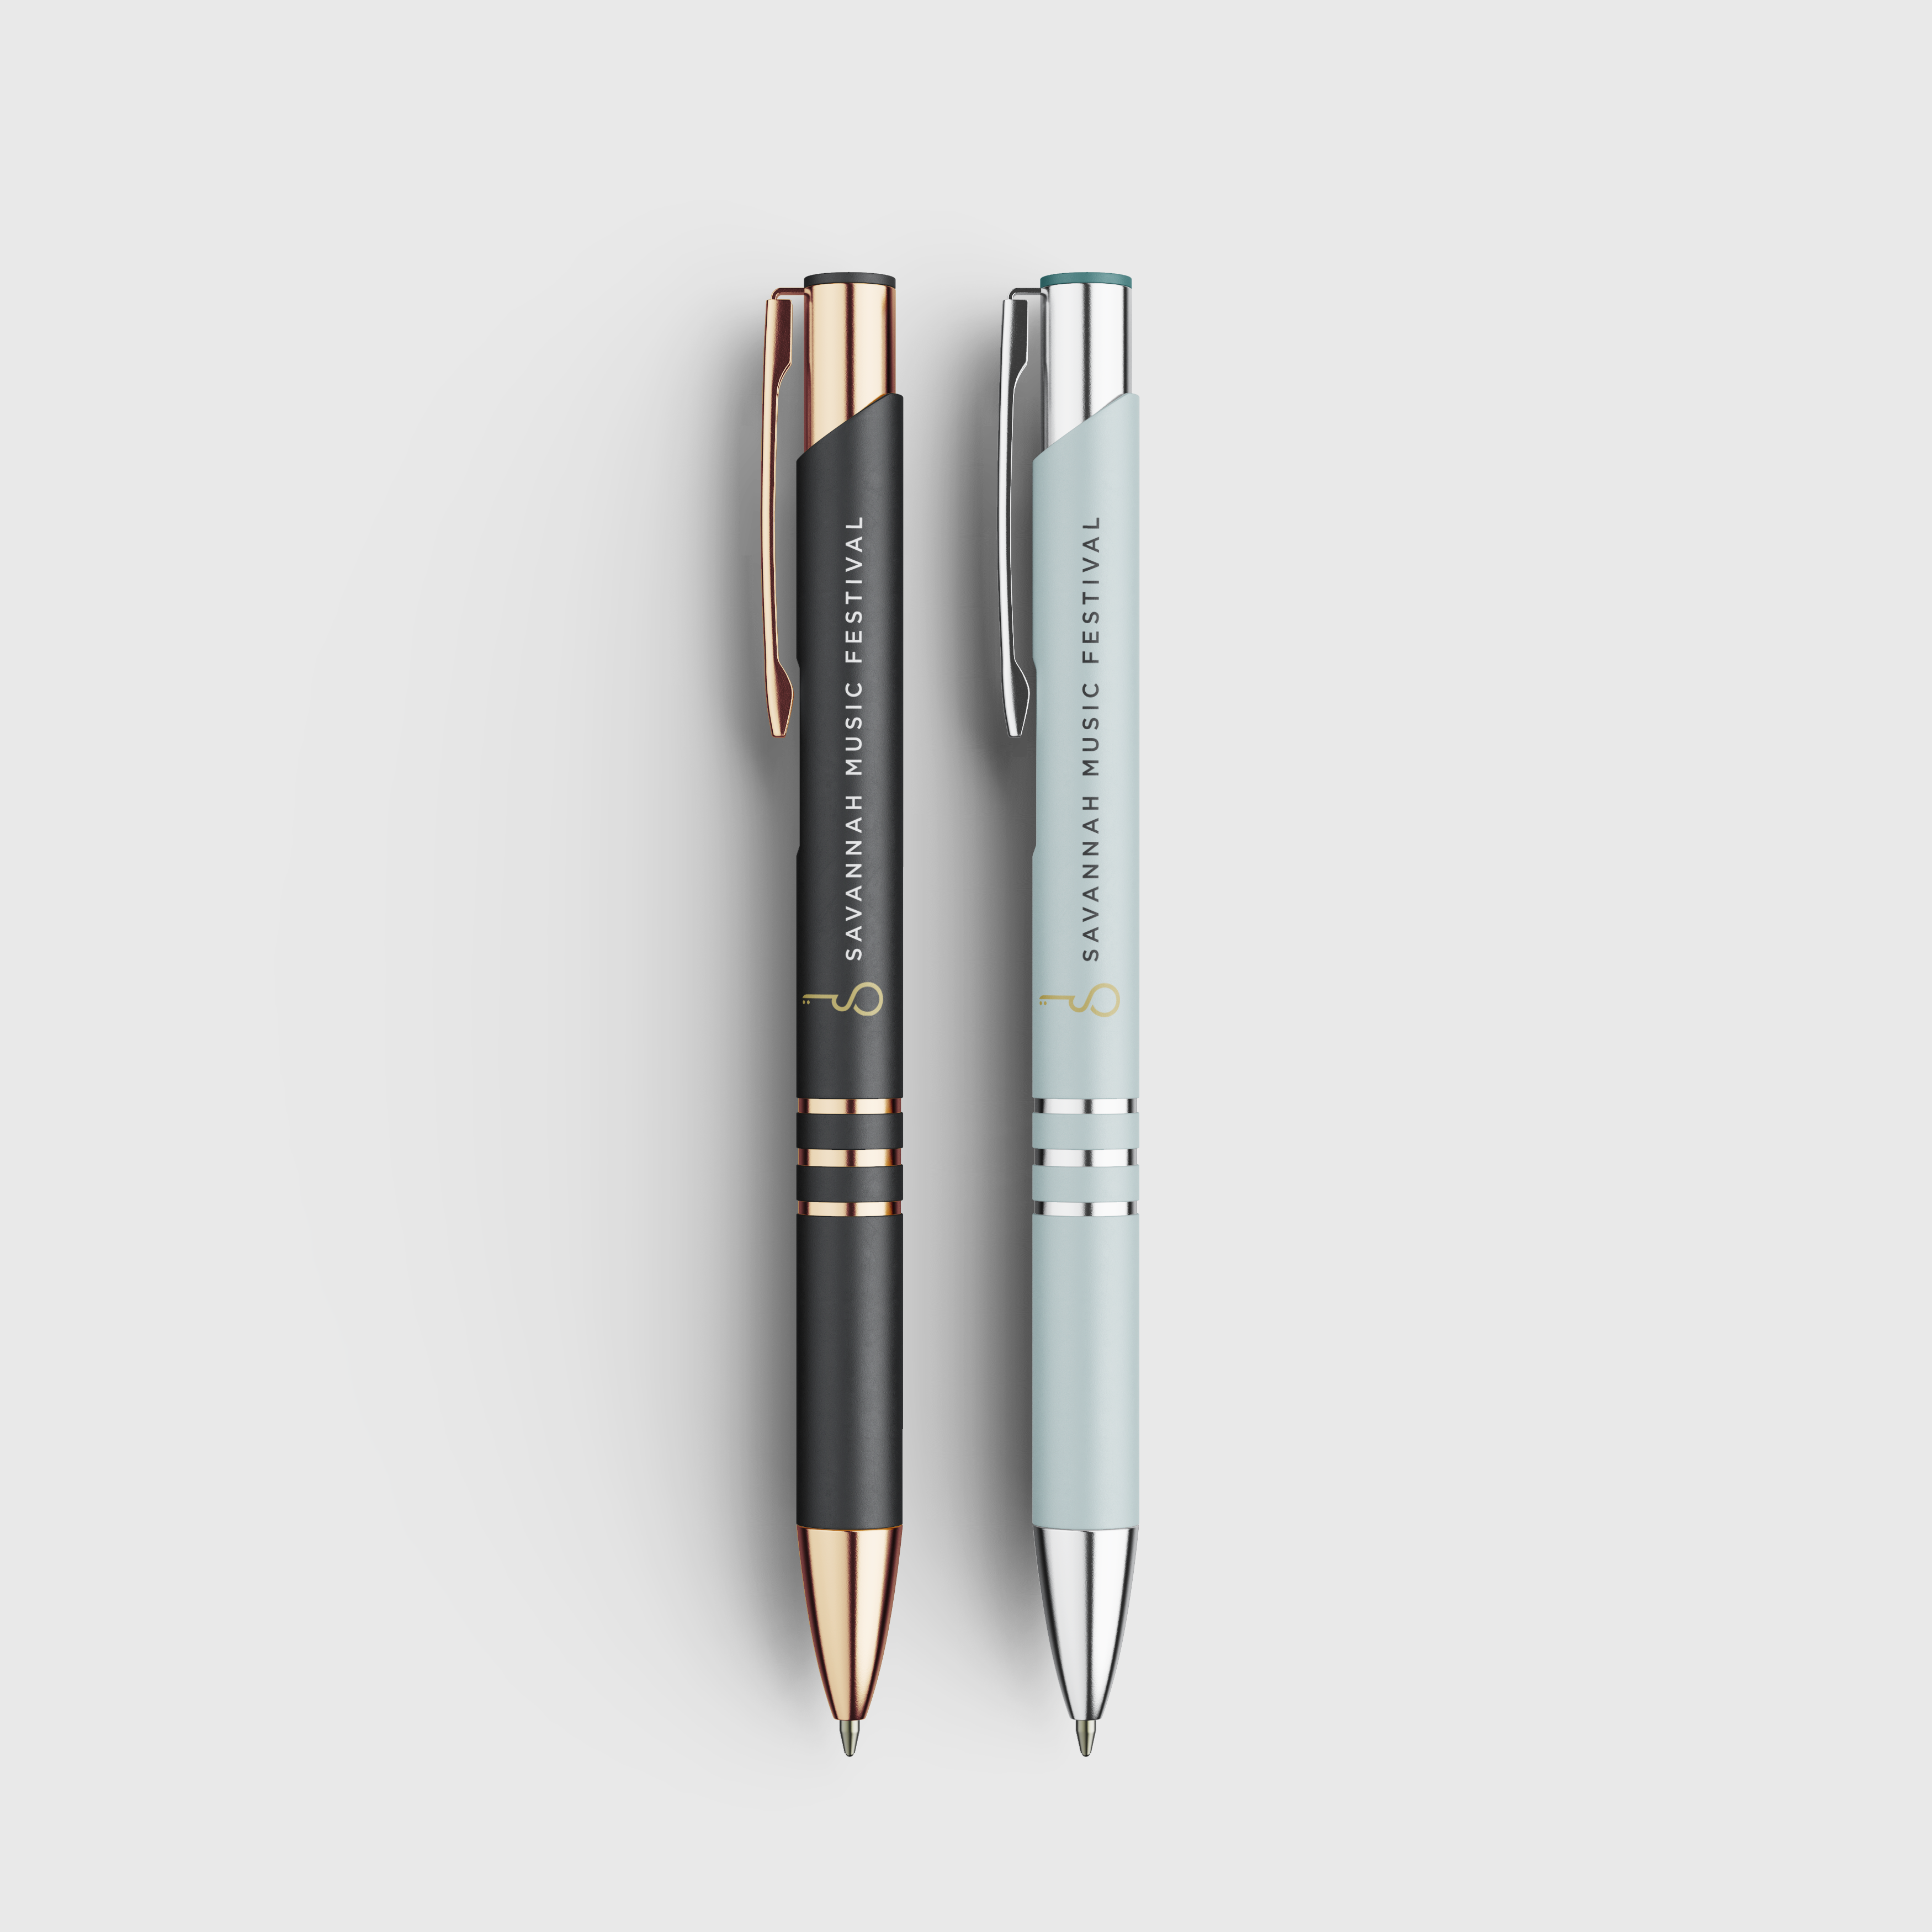 SMF_Pens